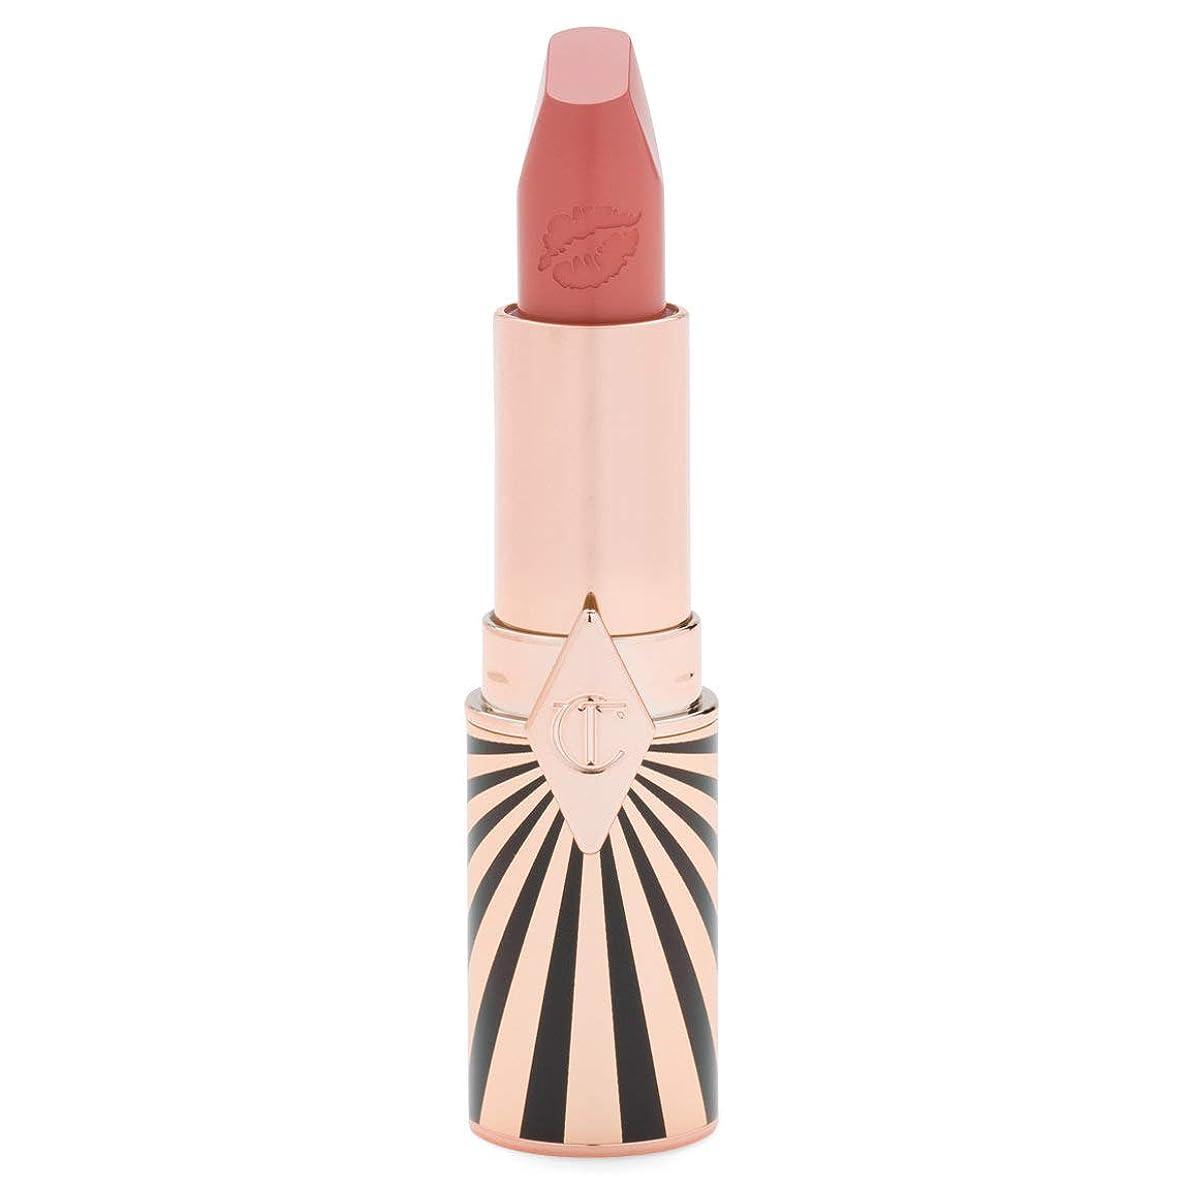 燃料業界借りるCharlotte Tilbury Hot Lips 2 In love with Olivia Limited Edition シャーロット?ティルベリー